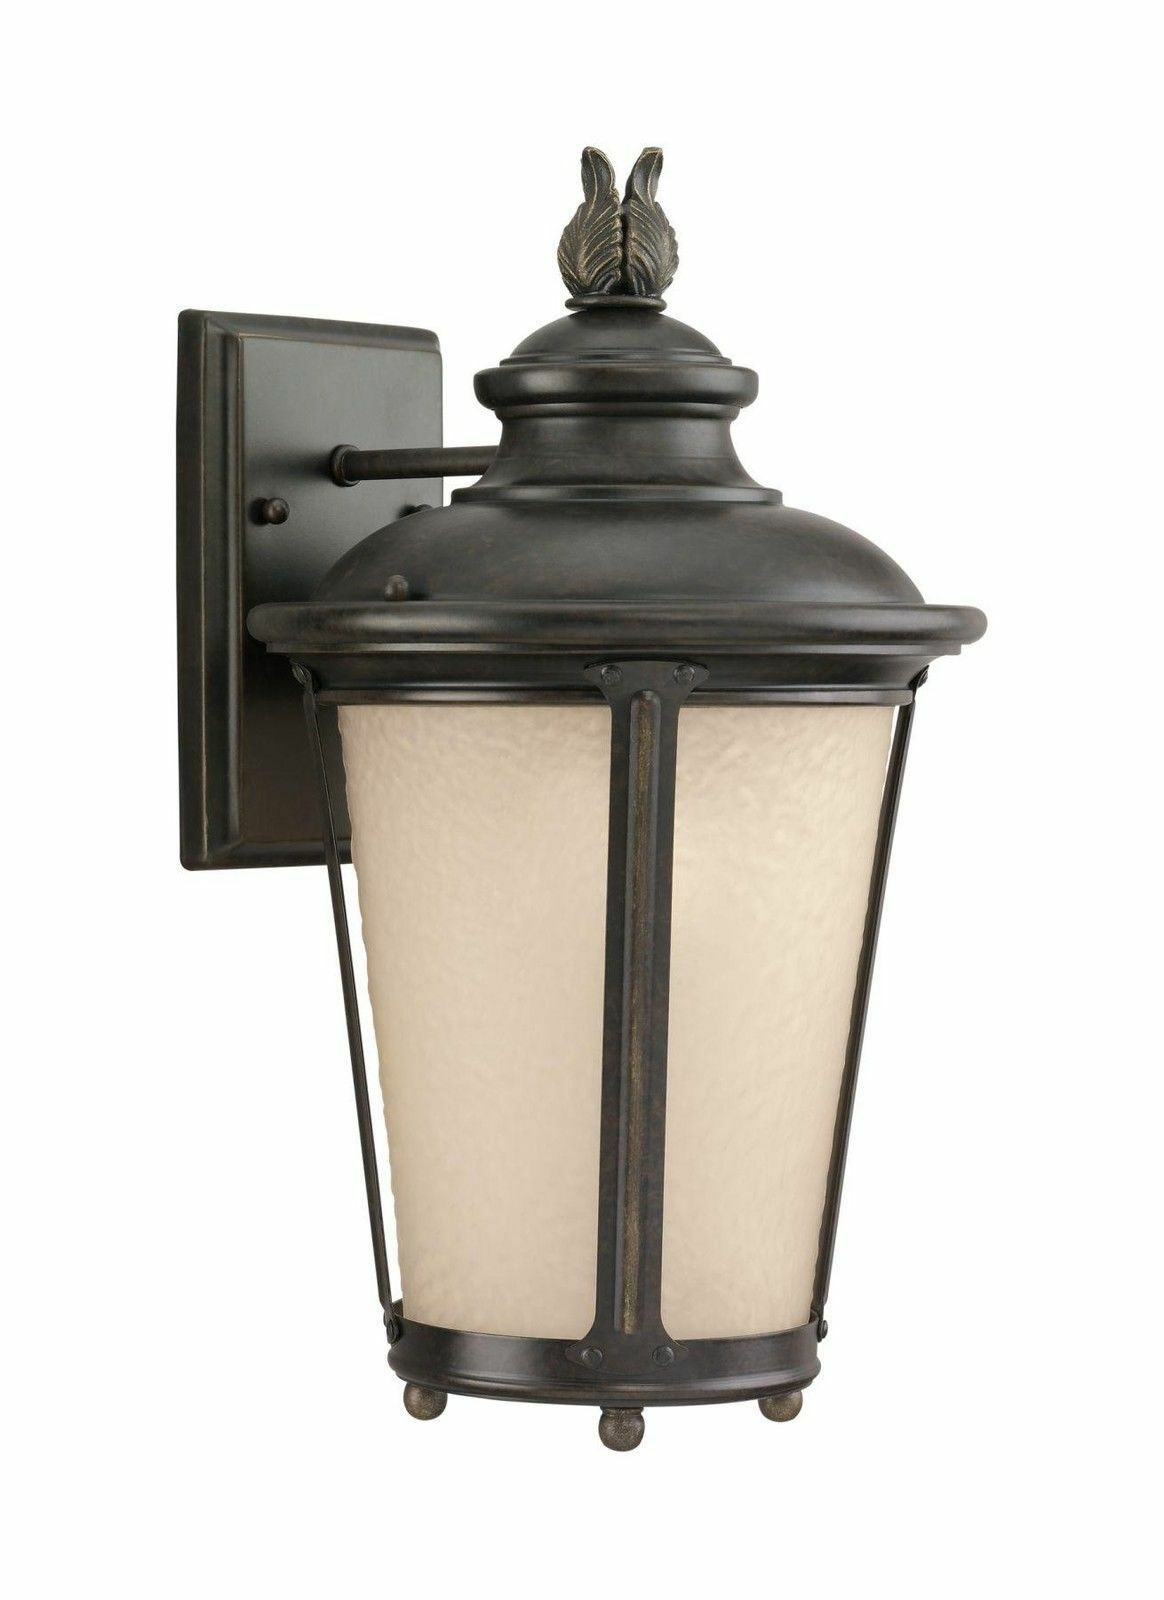 Hinkley Lighting Tucker Led Outdoor Wall Lantern For Sale Online Ebay